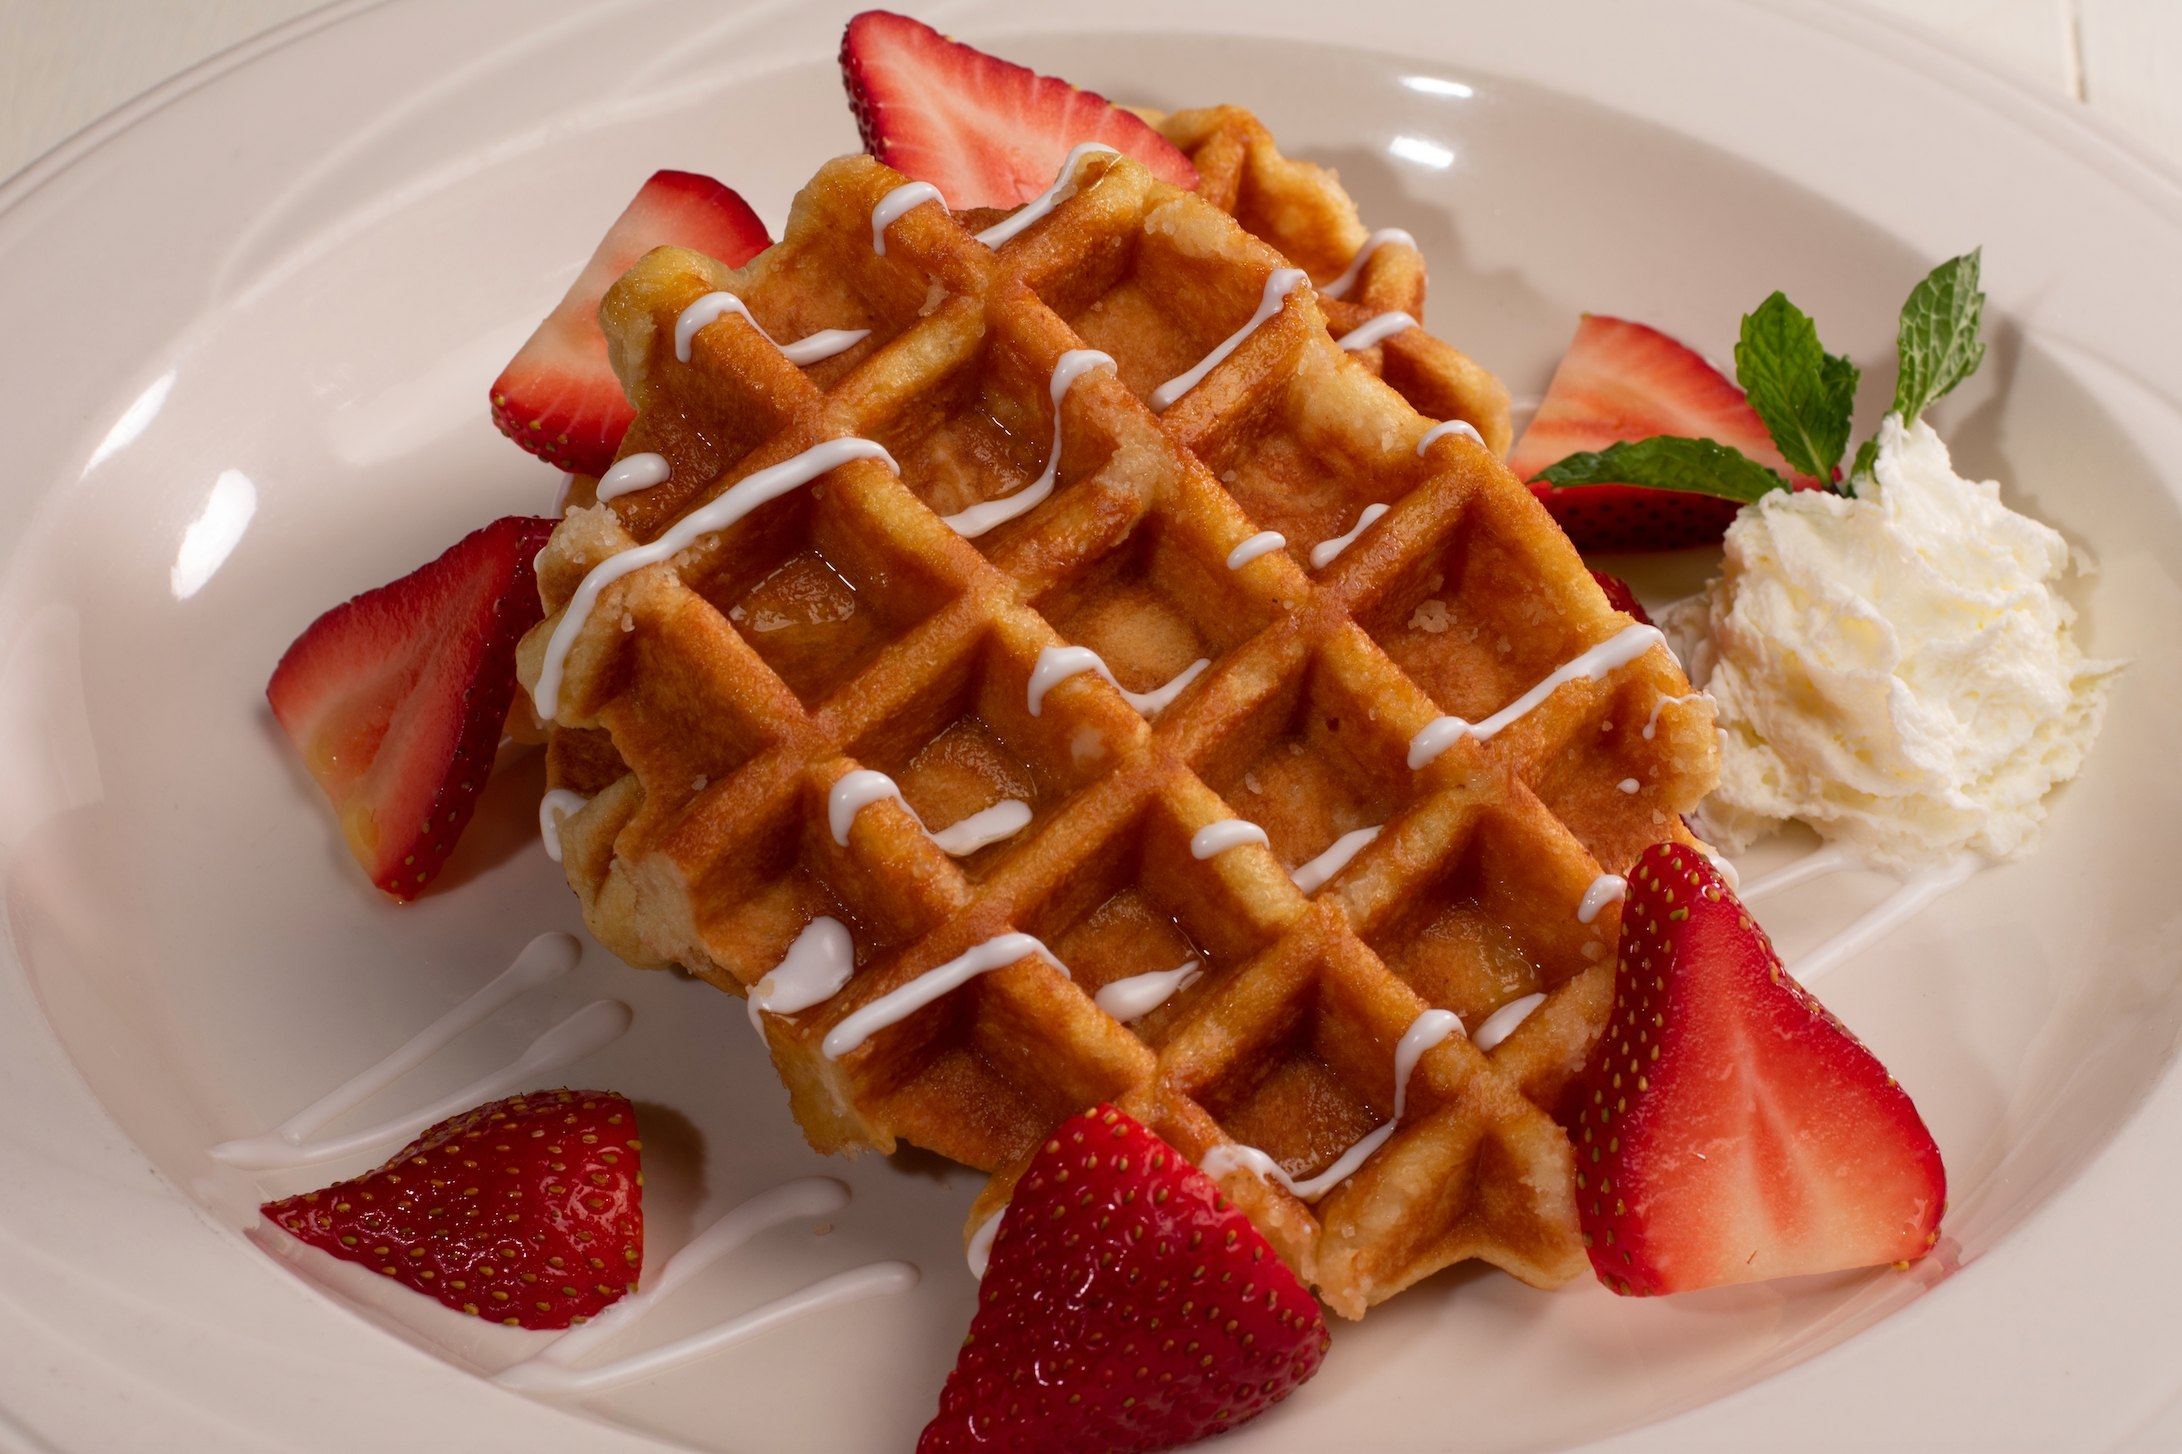 Strawberries & Cream Waffle